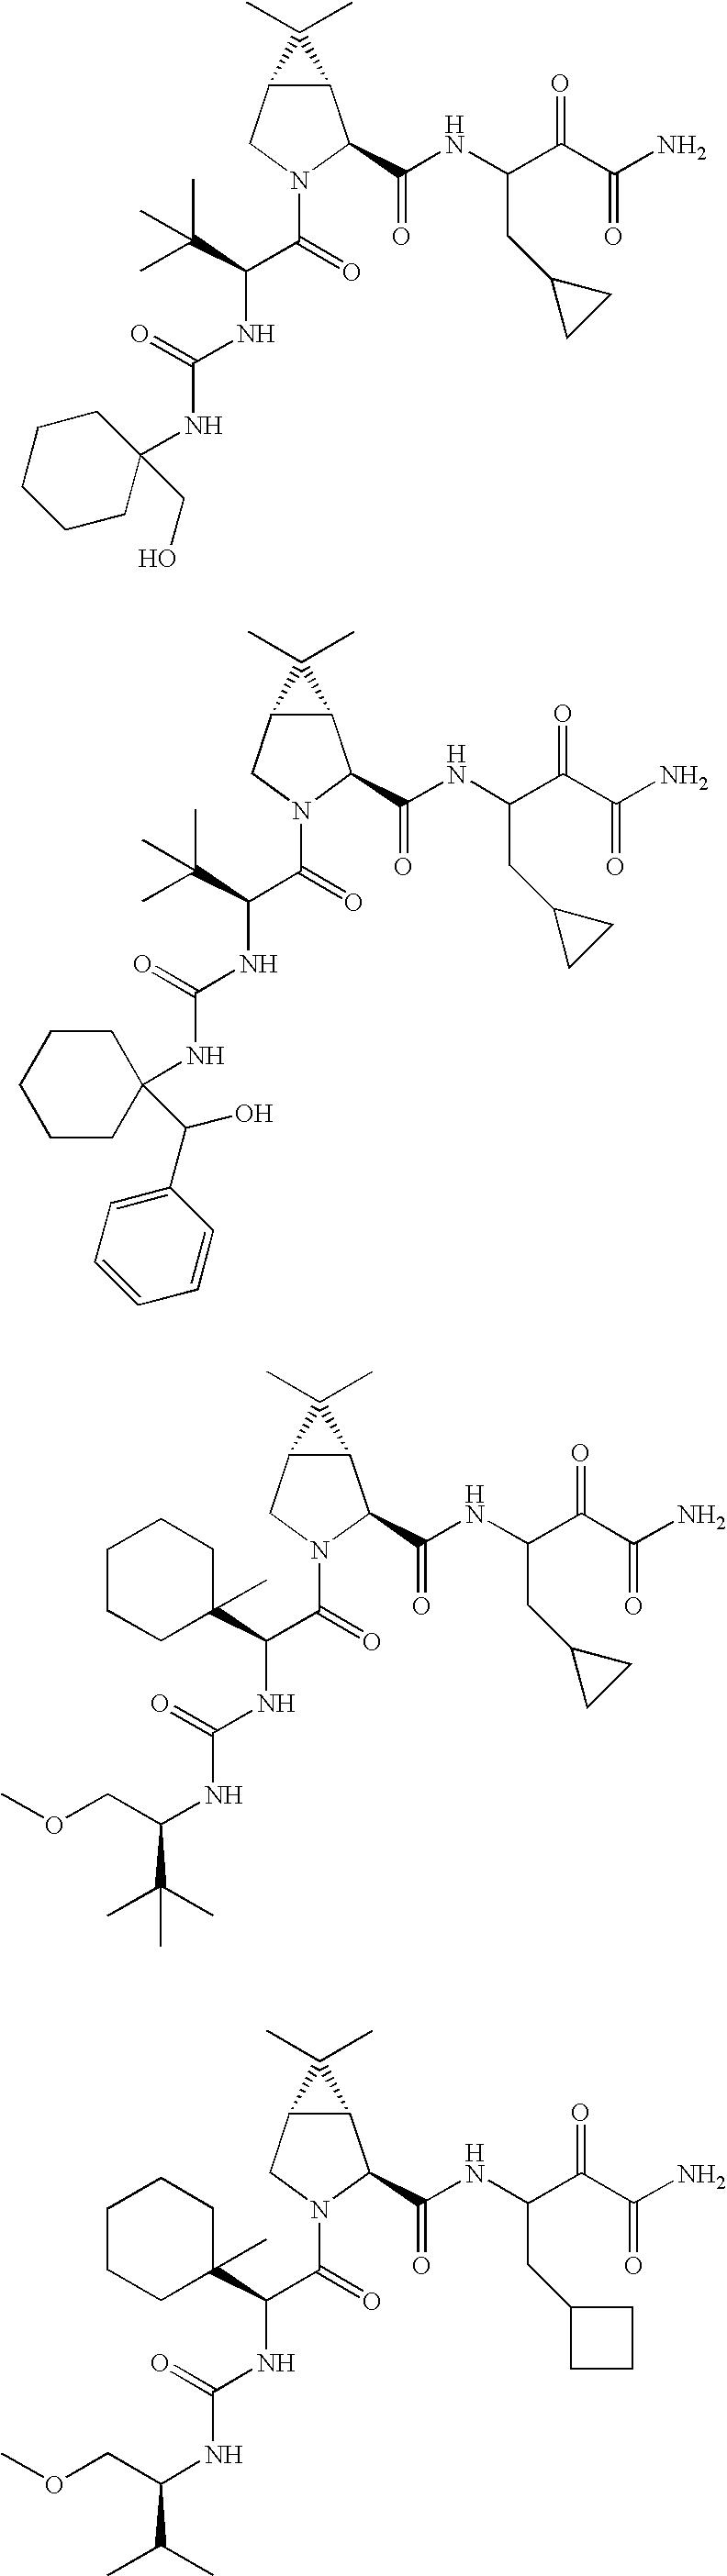 Figure US20060287248A1-20061221-C00353